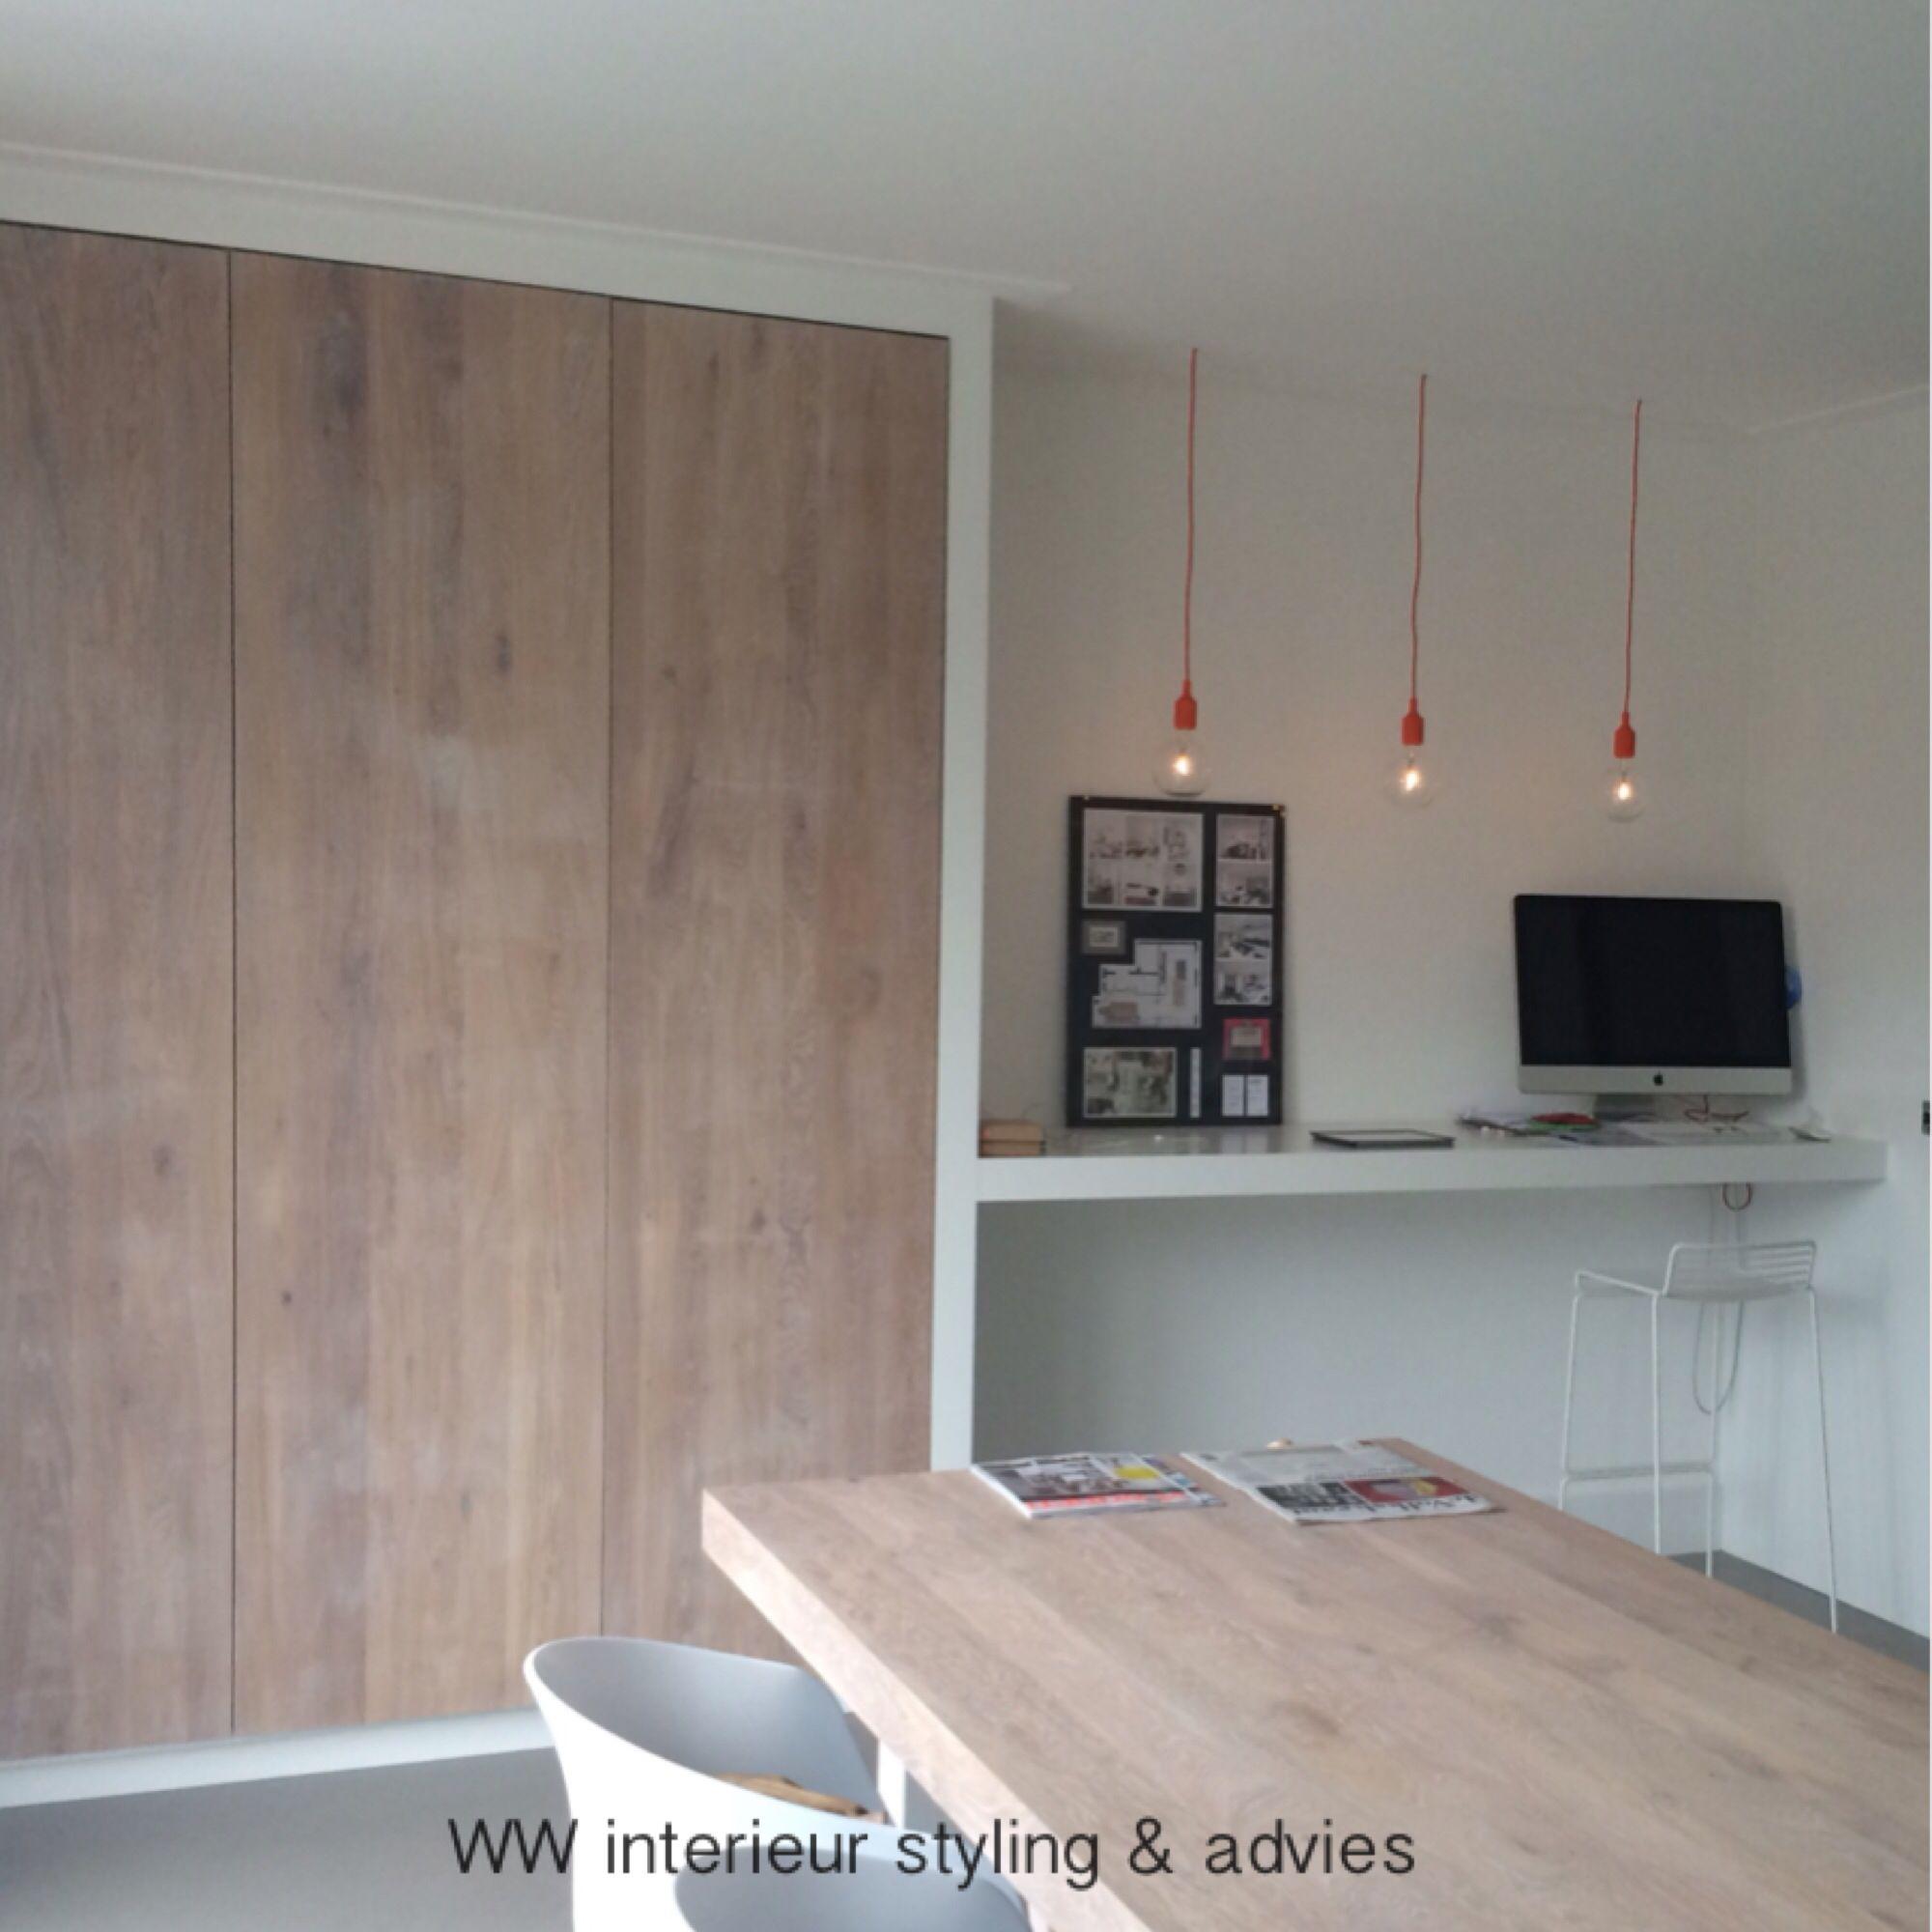 Werkplek kastruimte in keuken ww interieur styling for Interieur advies